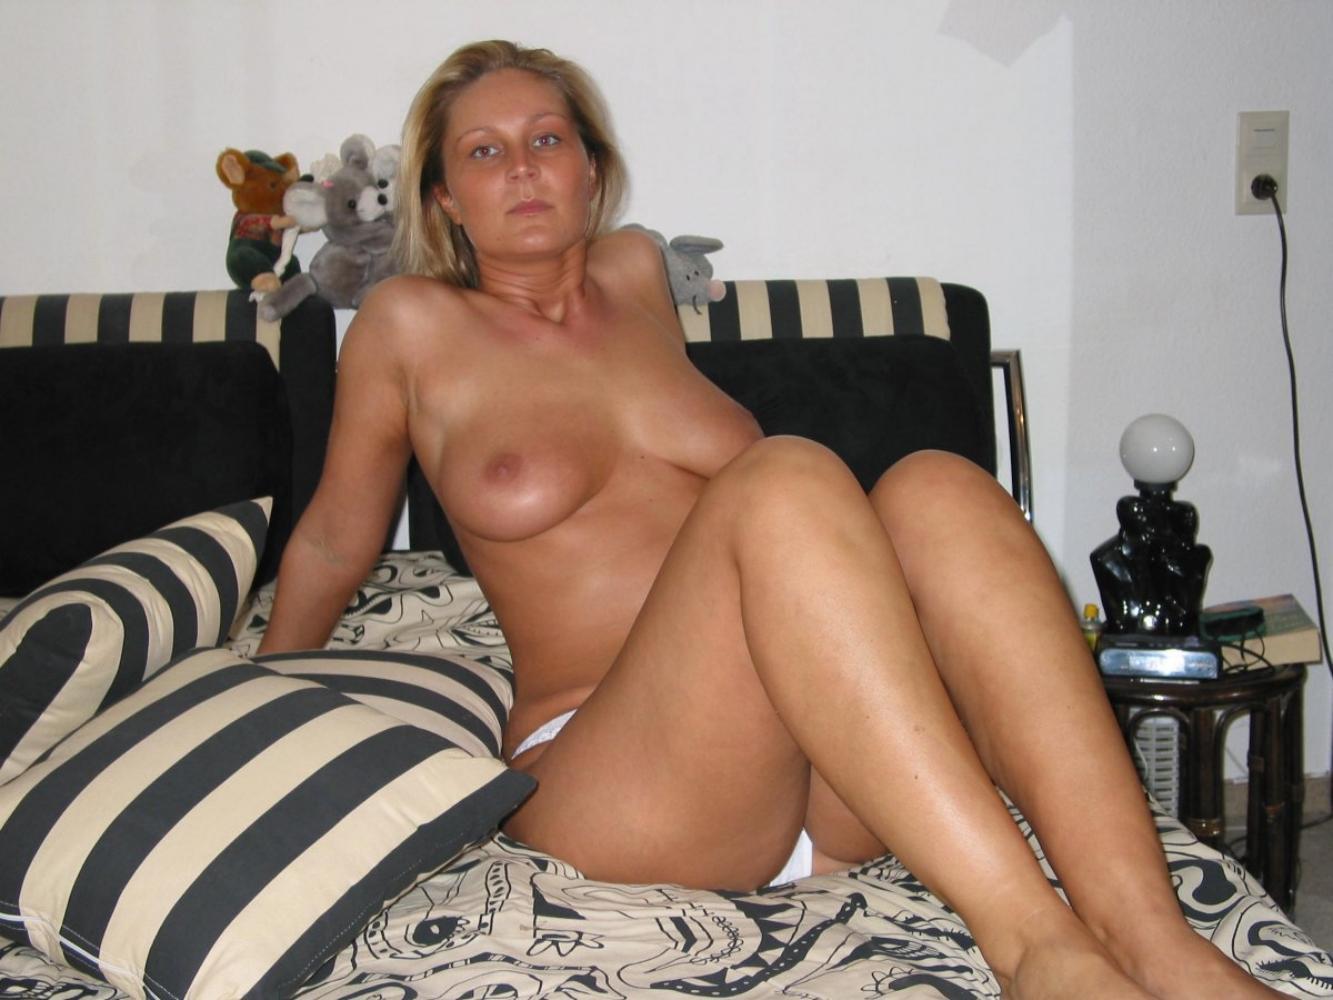 фото голой зрелой женщины с красивыми сиськами торчком сидящей на диване.